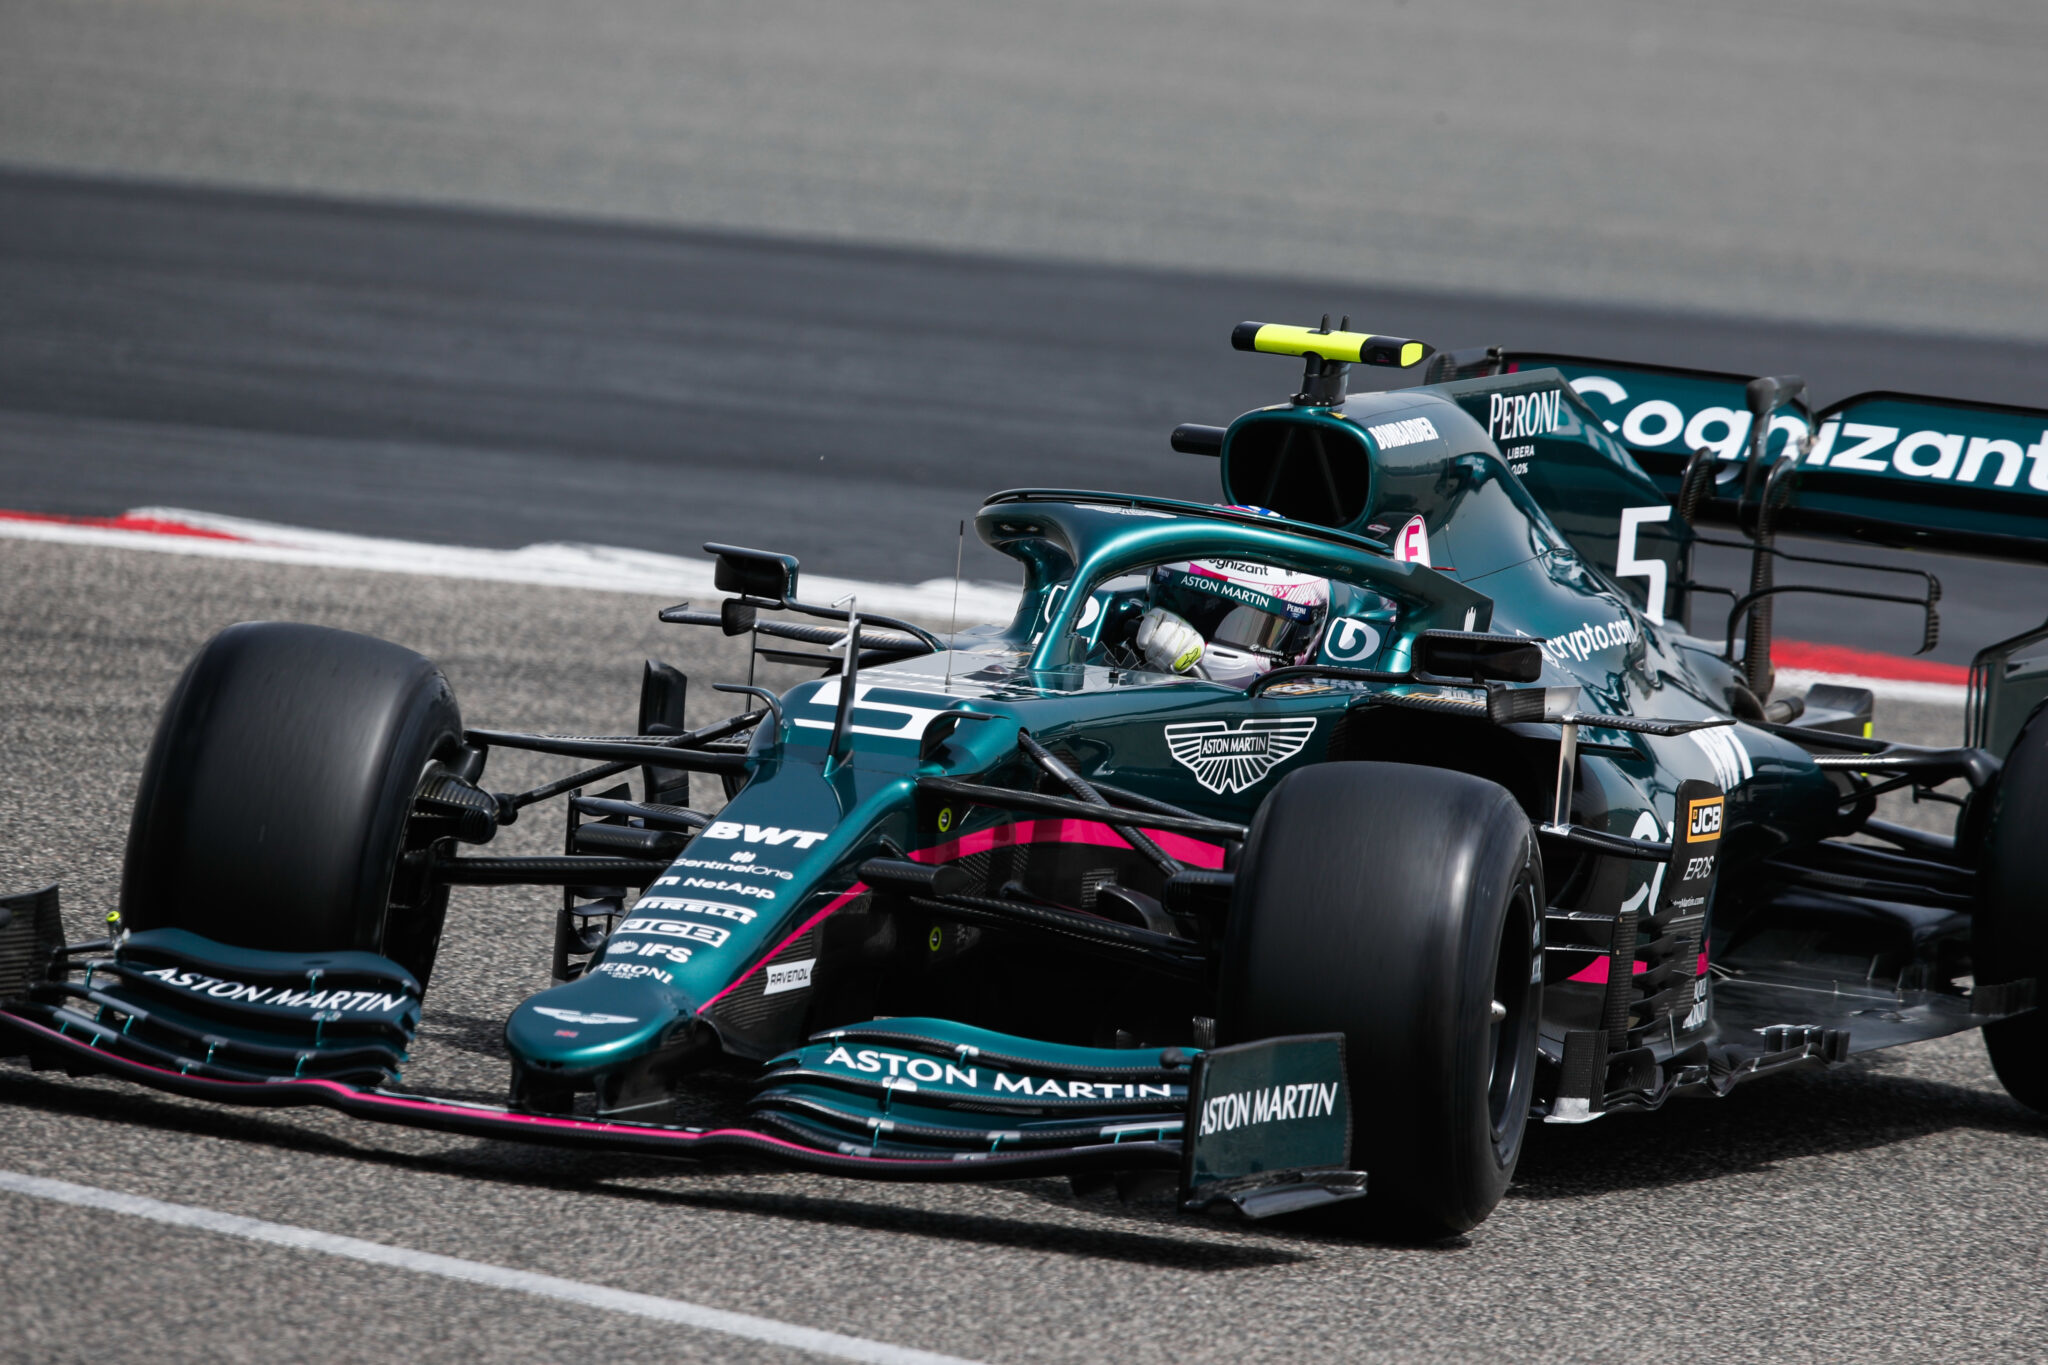 Racing Fashion freut sich, die Partnerschaft mit dem Aston Martin Cognizant Formula One™ Team und Pelmark, dem Bekleidungs- und Accessoires-Lieferanten des Teams, bekannt zu geben.